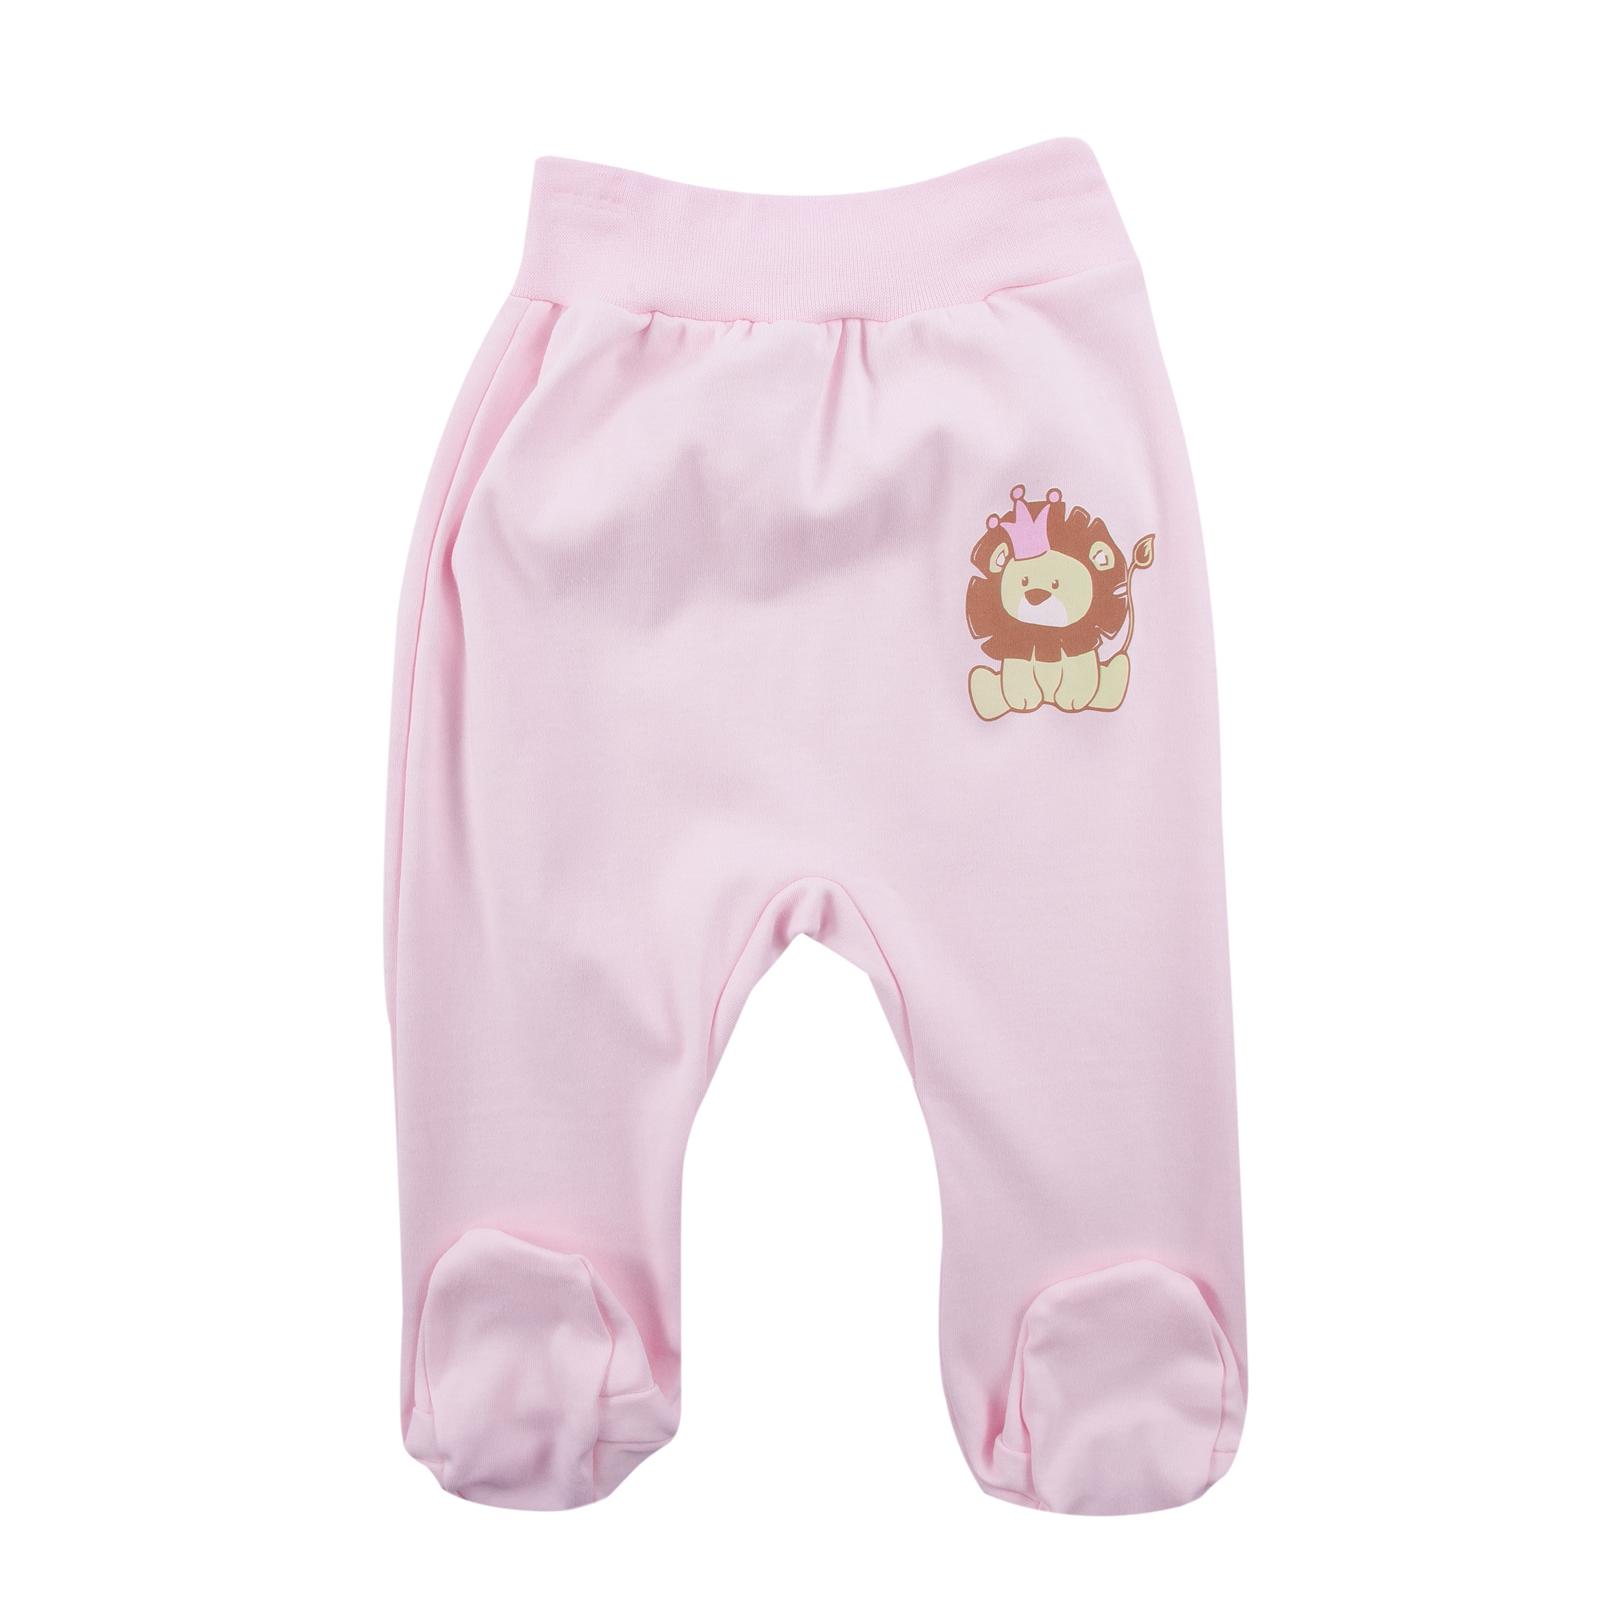 Ползунки КОТМАРКОТ для девочки, цвет розовый 1 год (размер 86)<br>